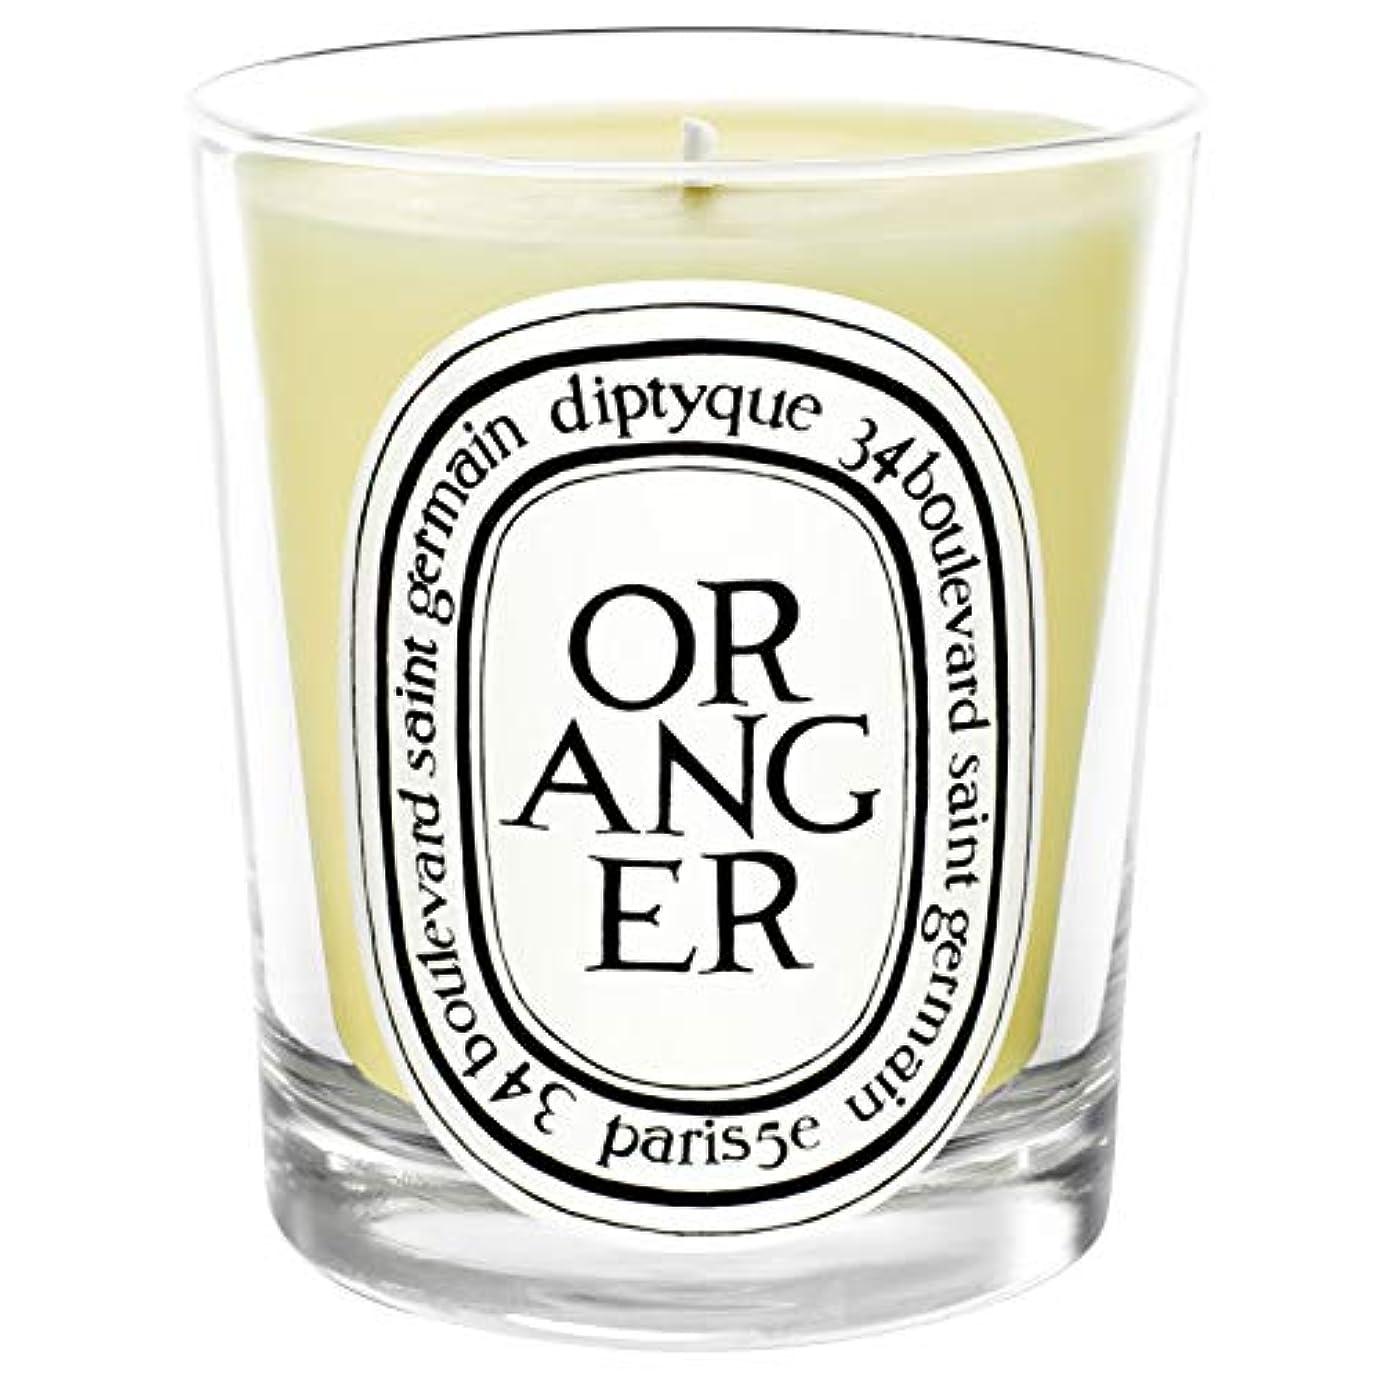 マイナー受信スポーツ[Diptyque] Diptyqueのオランジェ香りのキャンドル190グラム - Diptyque Oranger Scented Candle 190g [並行輸入品]